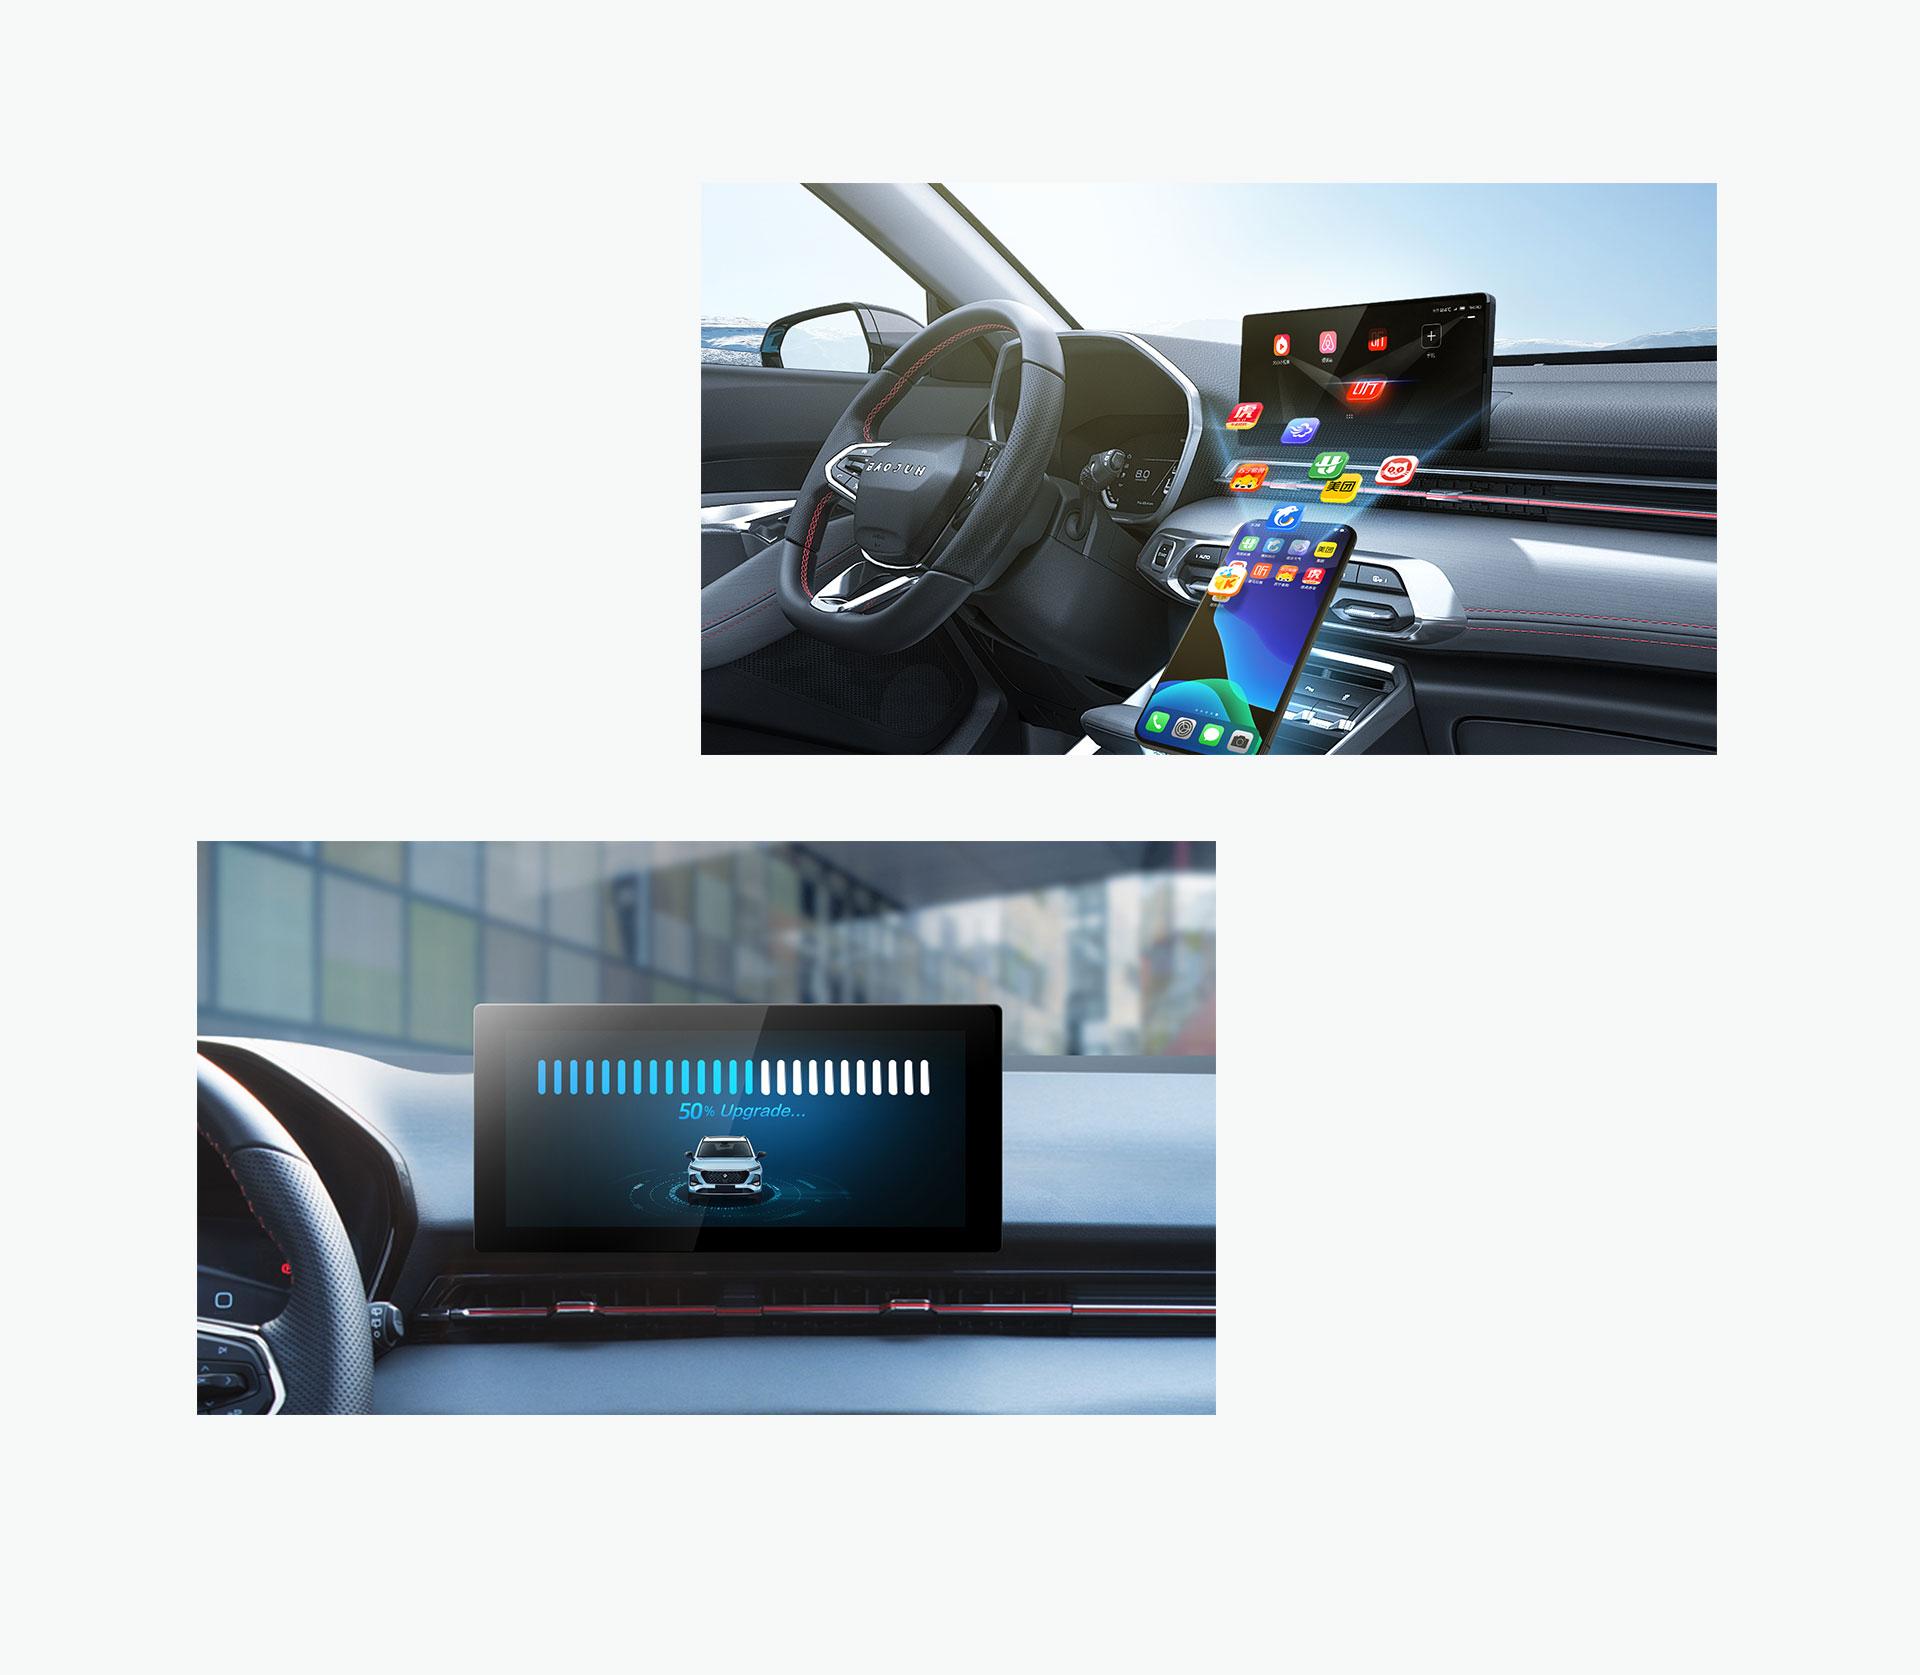 新寶駿RS-3,寶駿RS-3,寶駿RS3,智(zhi)能SUV,配(pei)置(zhi)參wen)智(zhi)能互聯,手機即車機